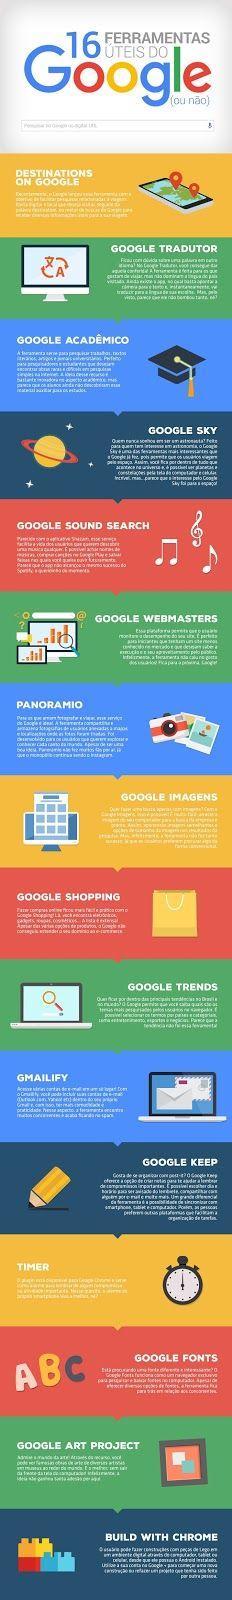 AcervoPublicitario.com.br | Desenvolver seu portfólio é fácil, você só precisa de uma oportunidade.: Conheça o kit de sobrevivência do Google